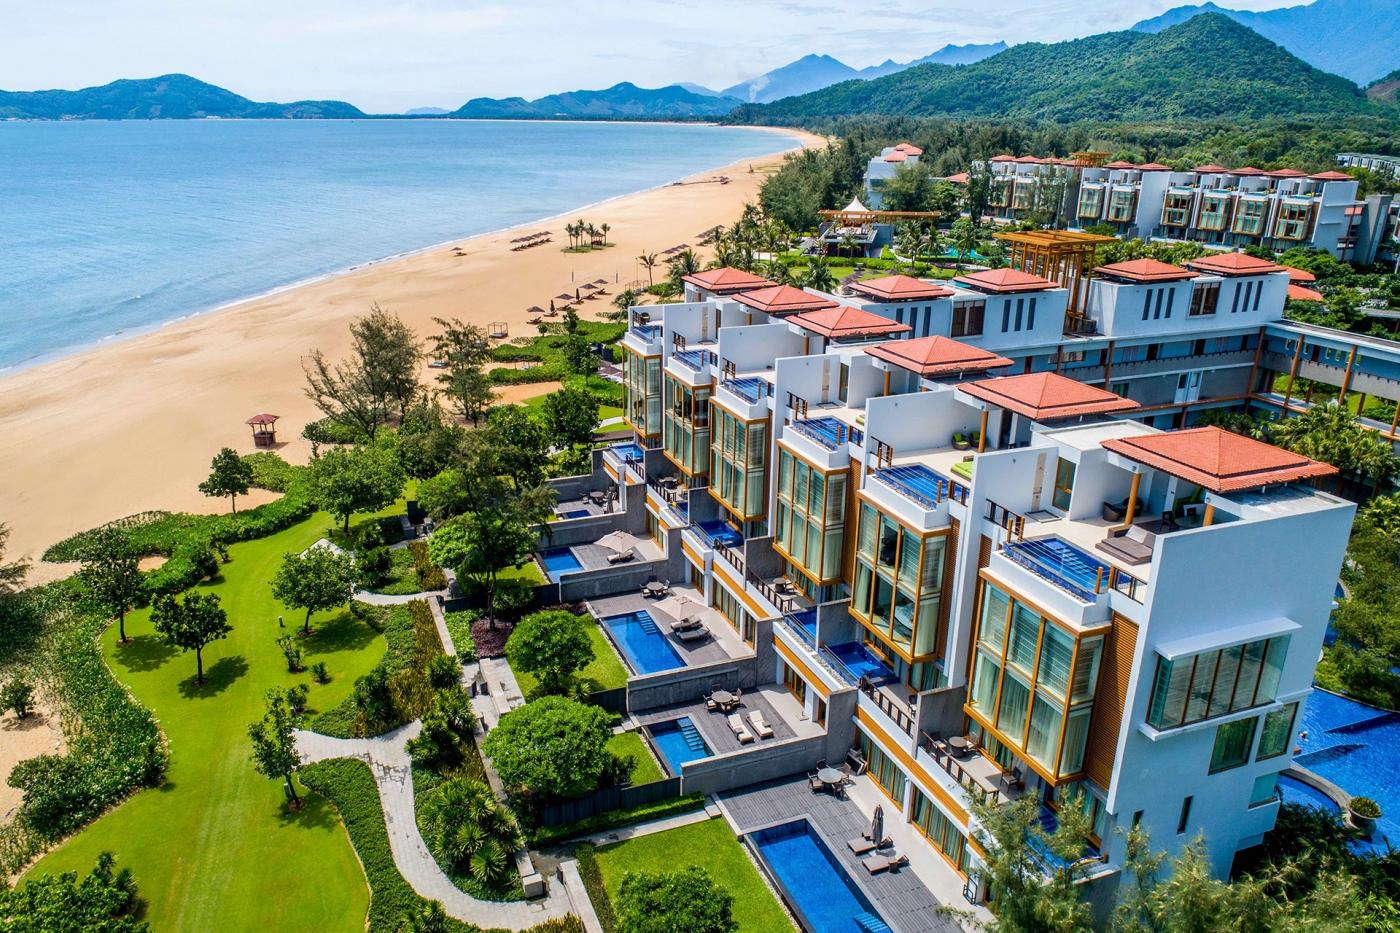 Kết quả hình ảnh cho Discover the beach hotel resort Hidden Getaway – Angsana Lang Co.